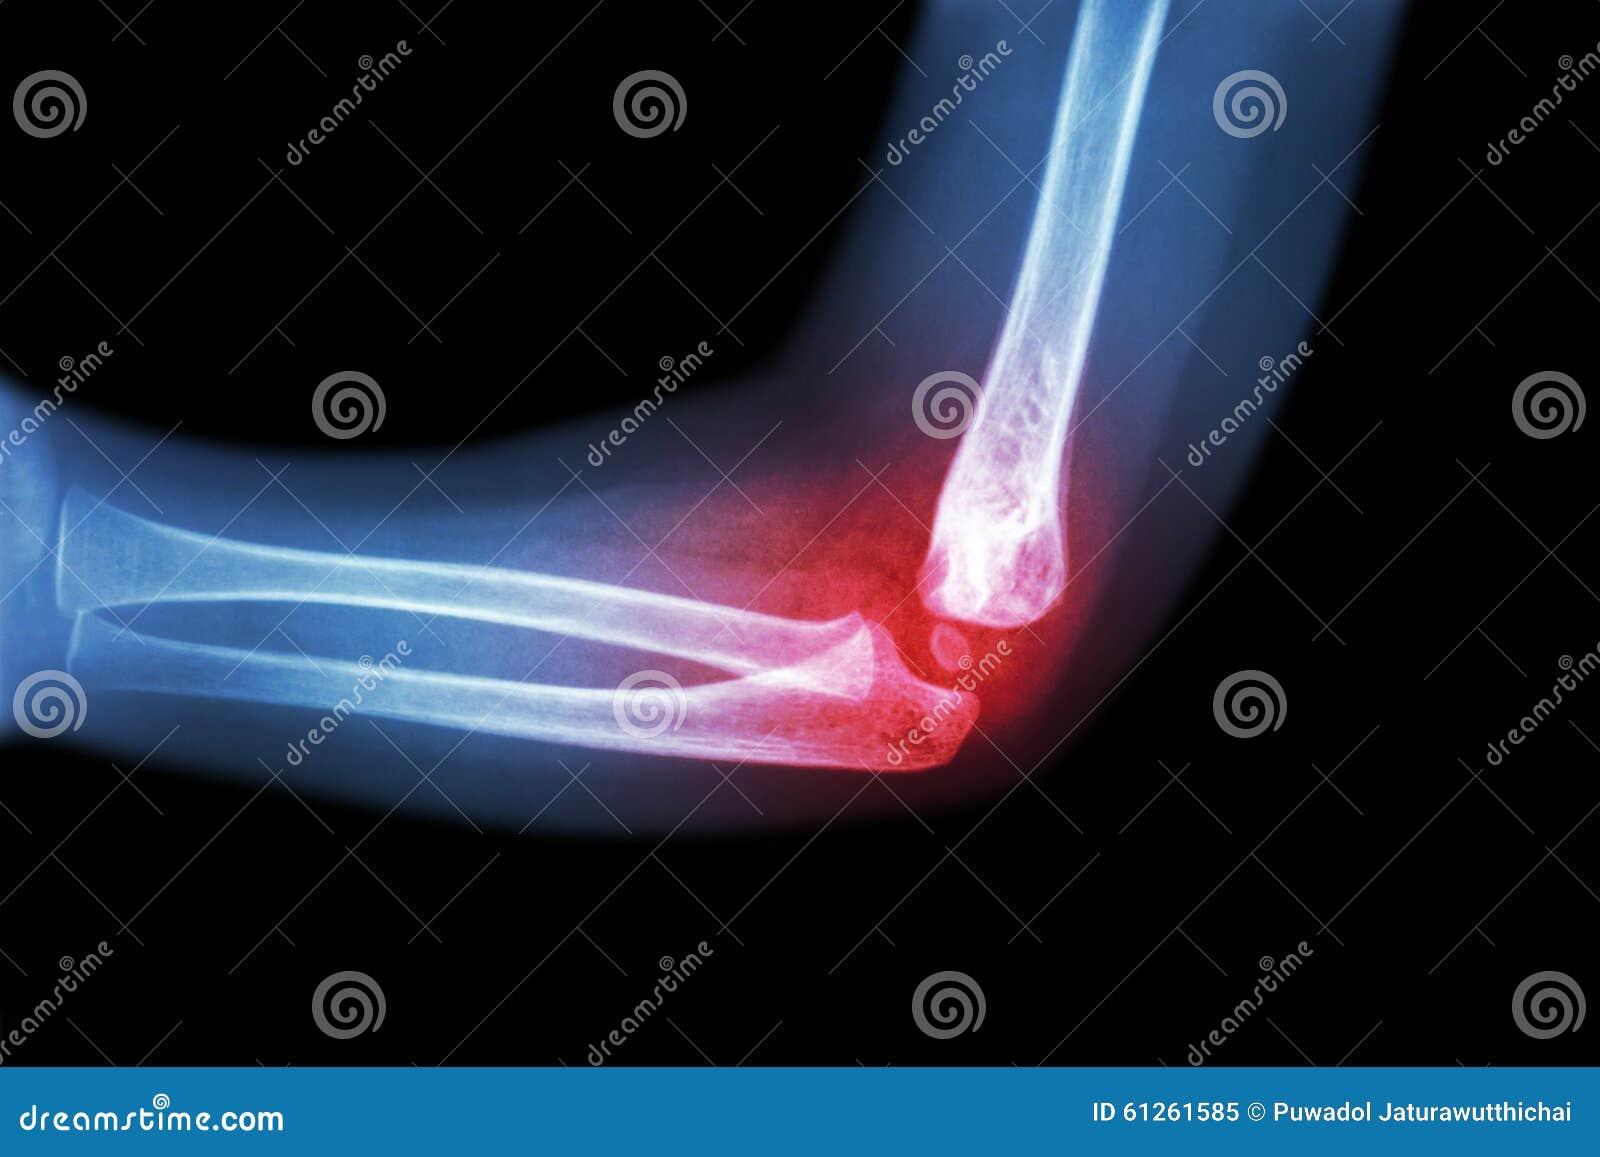 风湿性关节炎,痛风性关节炎(影片X-射线儿童'与关节炎的s手肘在手肘) (侧视图,侧向)